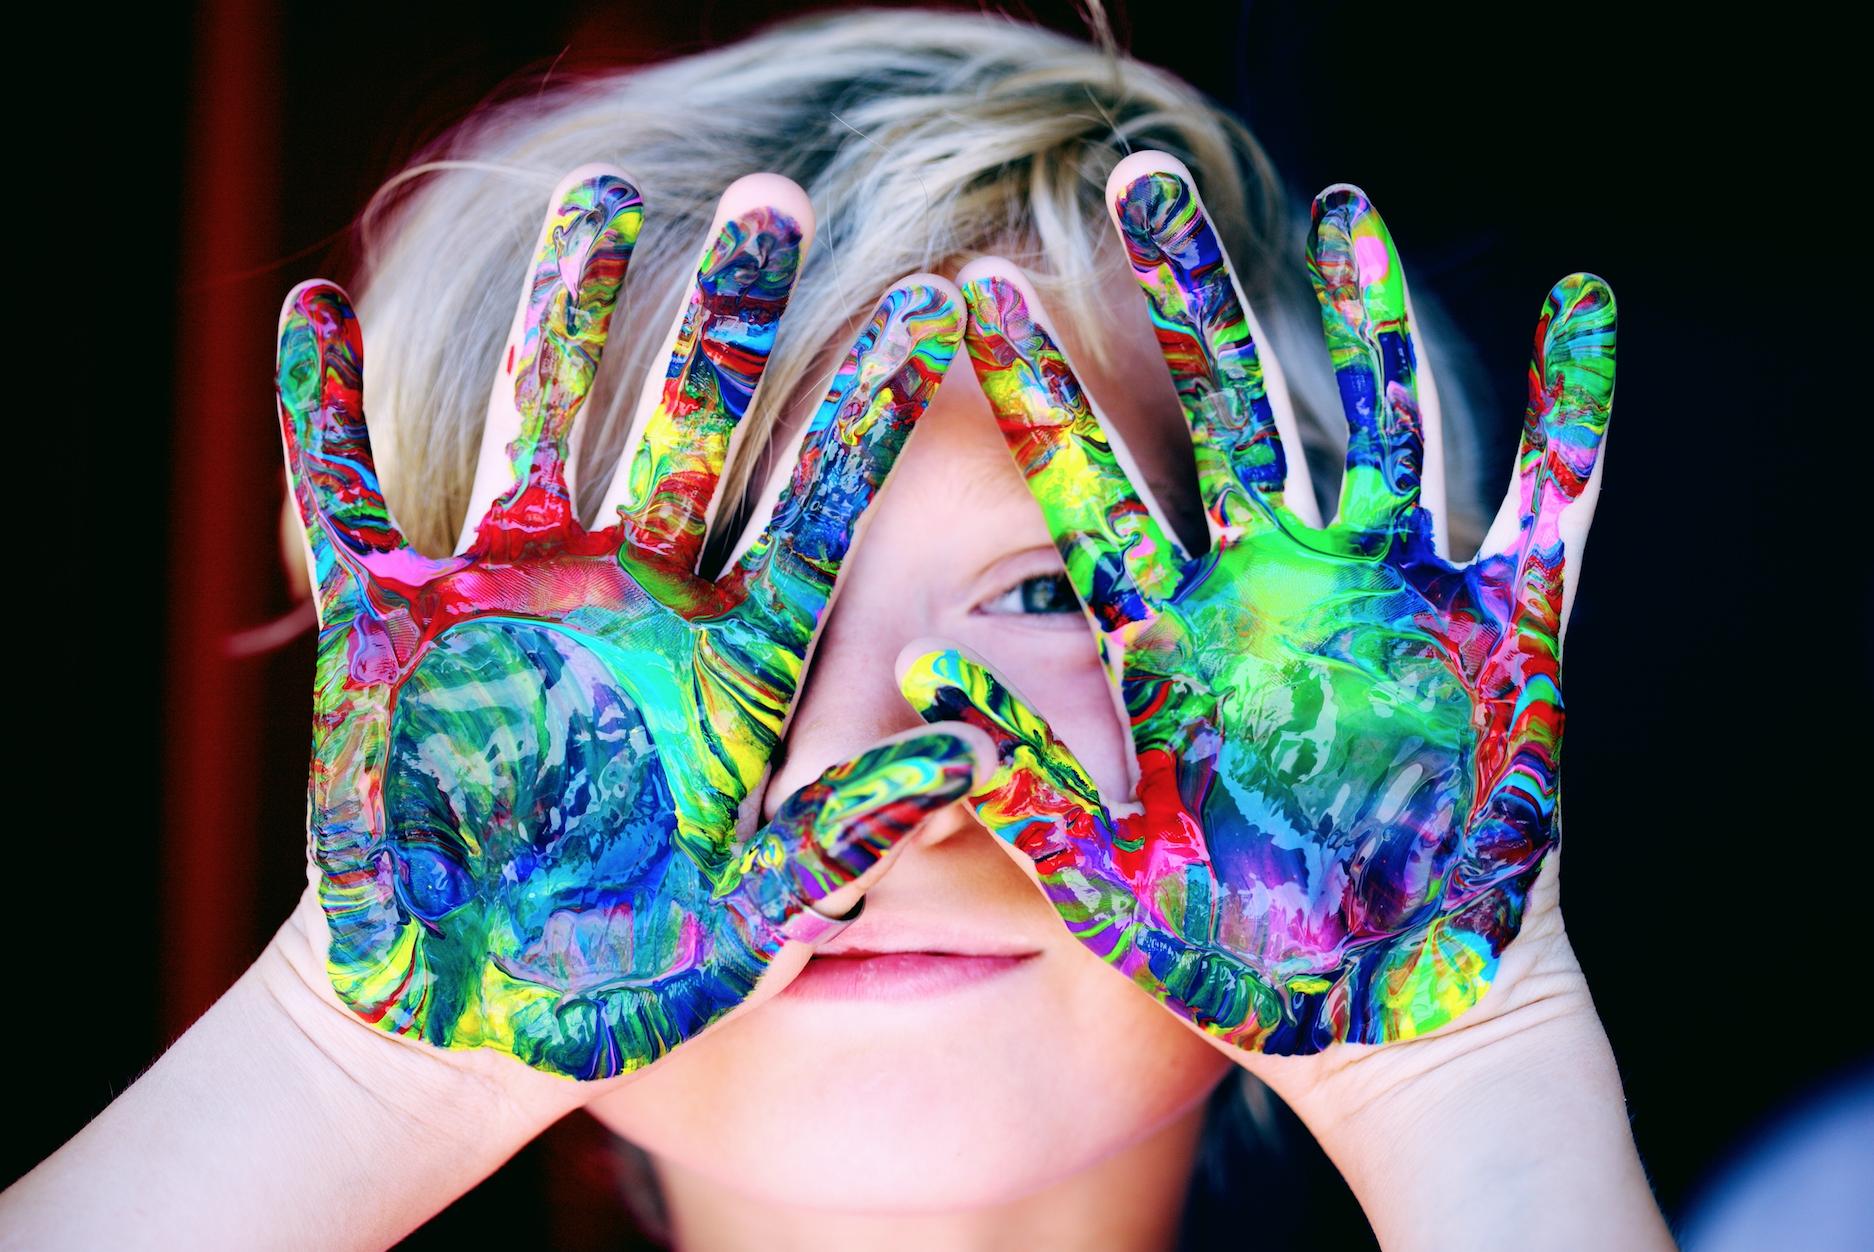 """¿Qué haremos?. De manera práctica y comprensible compartiremos herramientas que proveen atención, tranquilidad, equilibrio y felicidad. El maestro podrá reconocer su propio valor, la compasión y la gran responsabilidad de estar frente a un grupo de niños y familias. ¿Qué temas se compartirán en este Entrenamiento?. Dones y Talentos de los maestros Desarrollo físico, emocional y espiritual de los niños El arte de mantener la atención y manejo de grupos Herramientas de Meditación Posturas básicas de yoga Beneficios Técnicas básicas de respiración Virtudes de una Vida Ética para el maestro Estructura y creación de la clase Recomendaciones para un negocio virtuoso Dinámicas divertidas, creativas y consientes para desarrollar una vida más amorosa, compasiva y feliz. ¿Qué habilidades desarrollaré en este Entrenamiento? Conectar de una manera más sana y amorosa con tu naturaleza """"inquieta"""" y juguetona. Experimentar diversas herramientas orientadas al desarrollo consciente de tu clase. Conocerás dinámicas para tus clases que fortalecerán el respeto y amor para ellos mismos y su entorno. Comprenderás como crear una clase radiante y satisfactoria. Expandirás tus habilidades creativas para desarrollar tus propios juegos, posturas, meditaciones, etc. Desarrollarás prácticas para crear una clase con un ambiente de alegría y gozo donde los niños podrán expandir la pureza de su corazón. Serás más compasivo contigo y con los demás"""